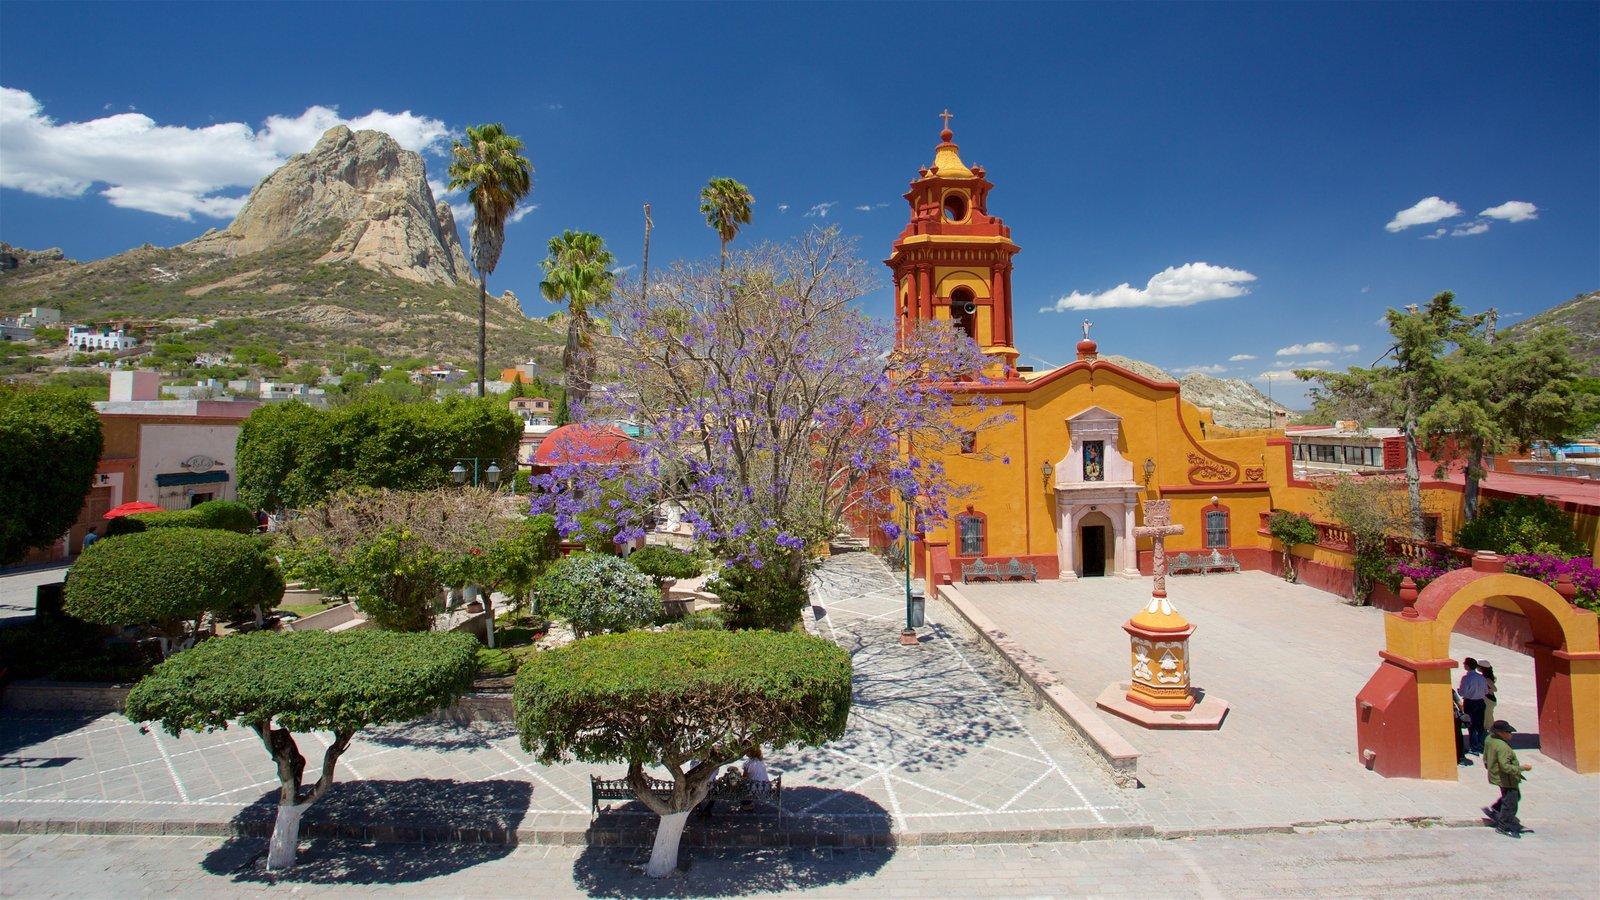 Bernal mostrando arquitetura de patrimônio, uma praça ou plaza e cenas tranquilas